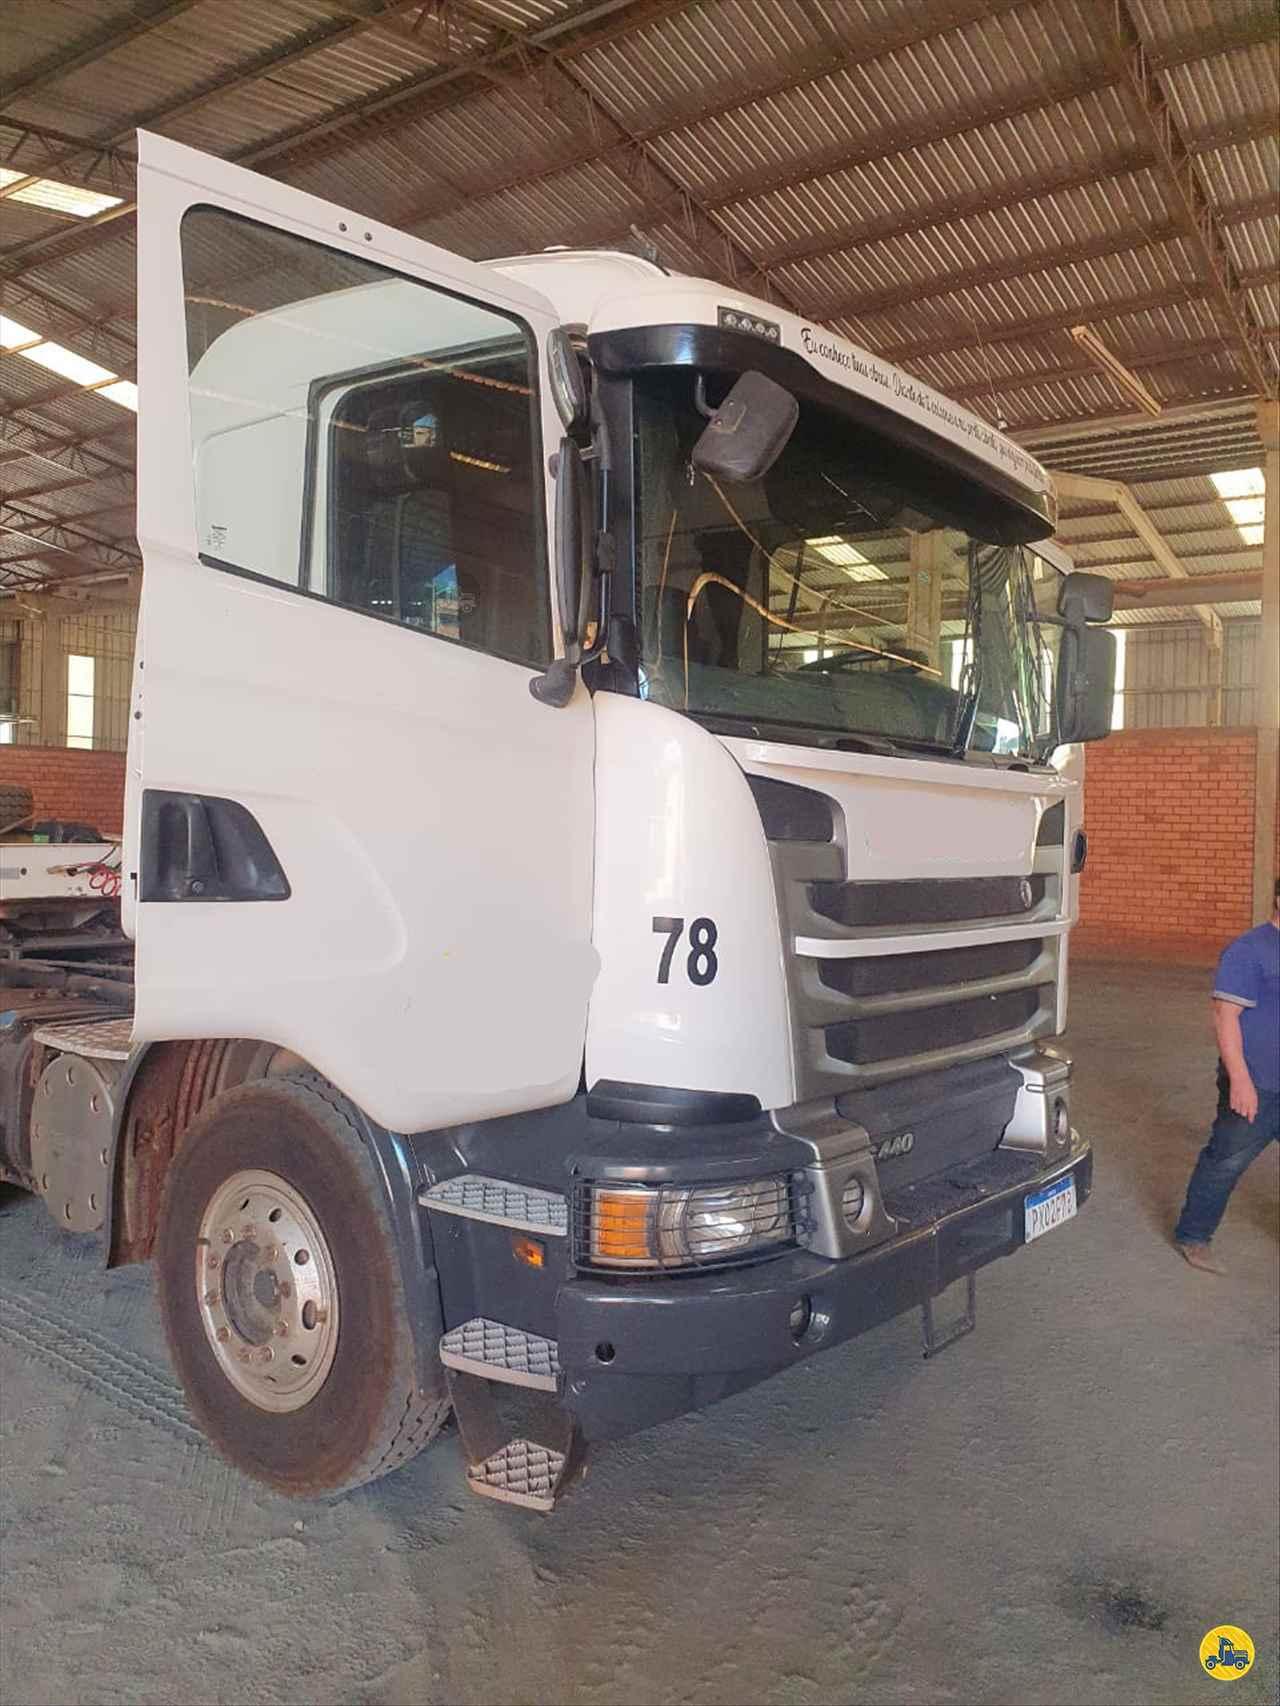 CAMINHAO SCANIA SCANIA 440 Cavalo Mecânico Traçado 6x4 Maracavel Londrina Caminhões LONDRINA PARANÁ PR